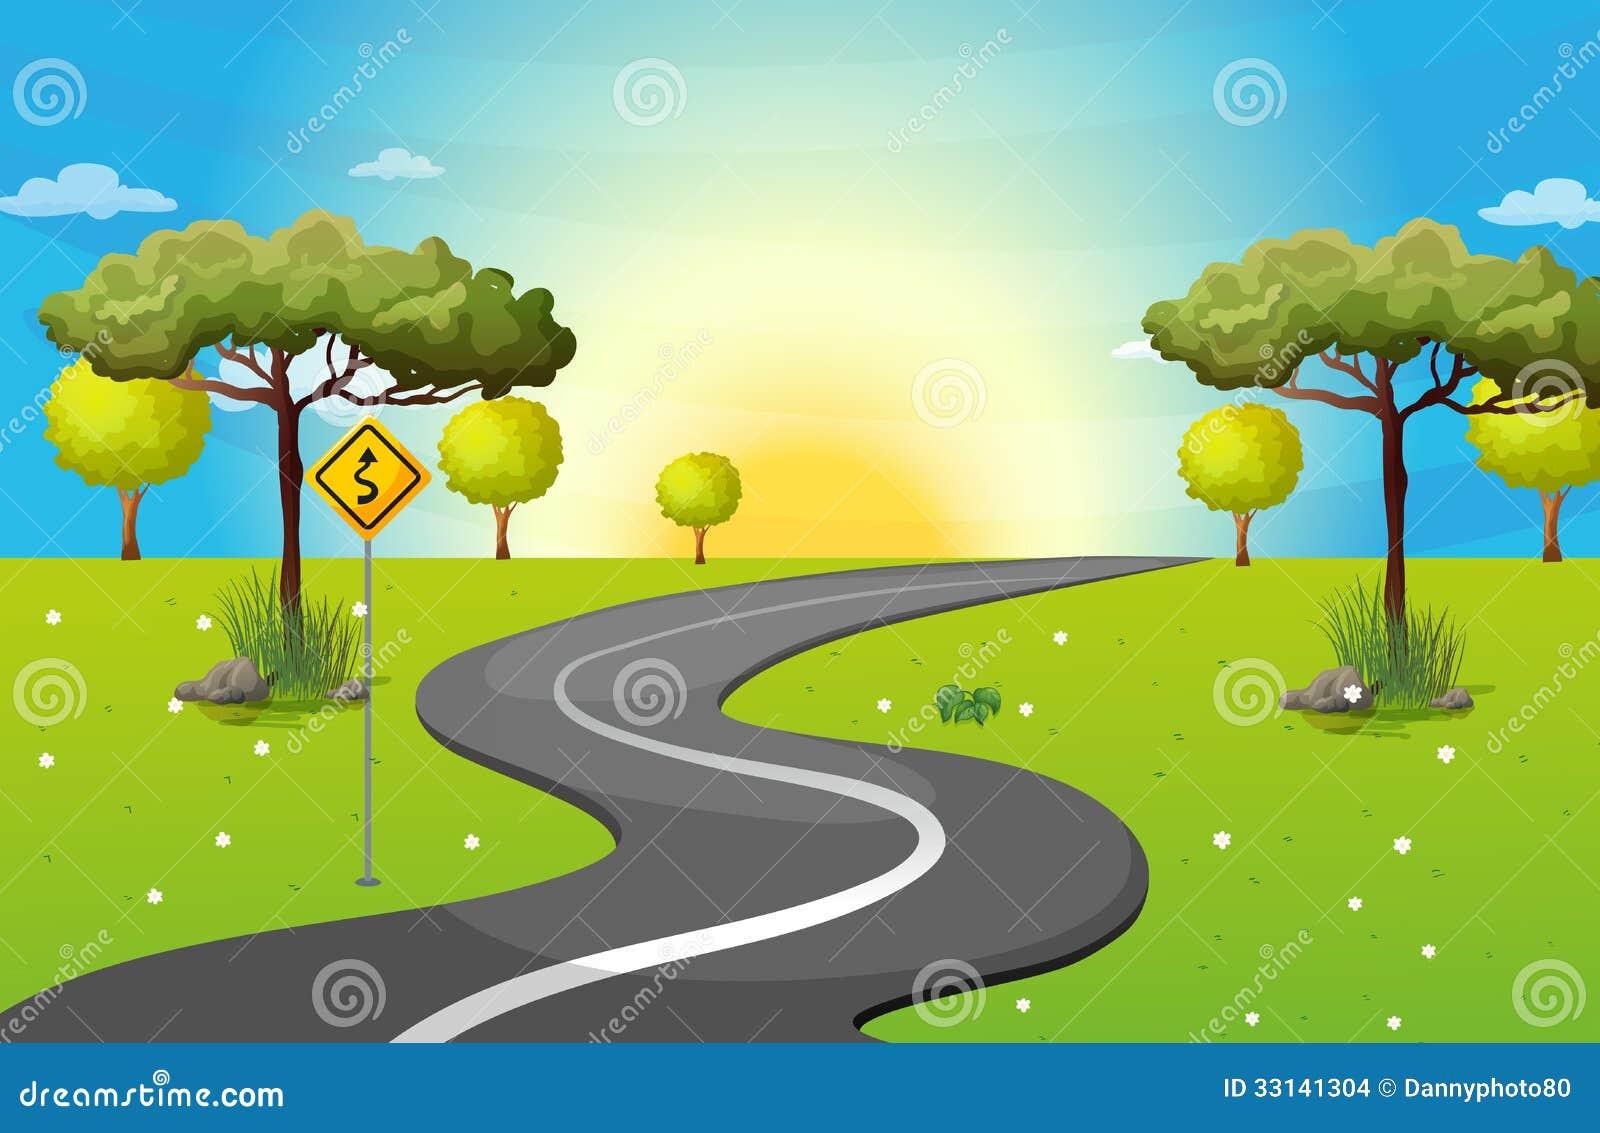 Ένας μακρύς και δρόμος με πολλ ες στροφές στο δάσος